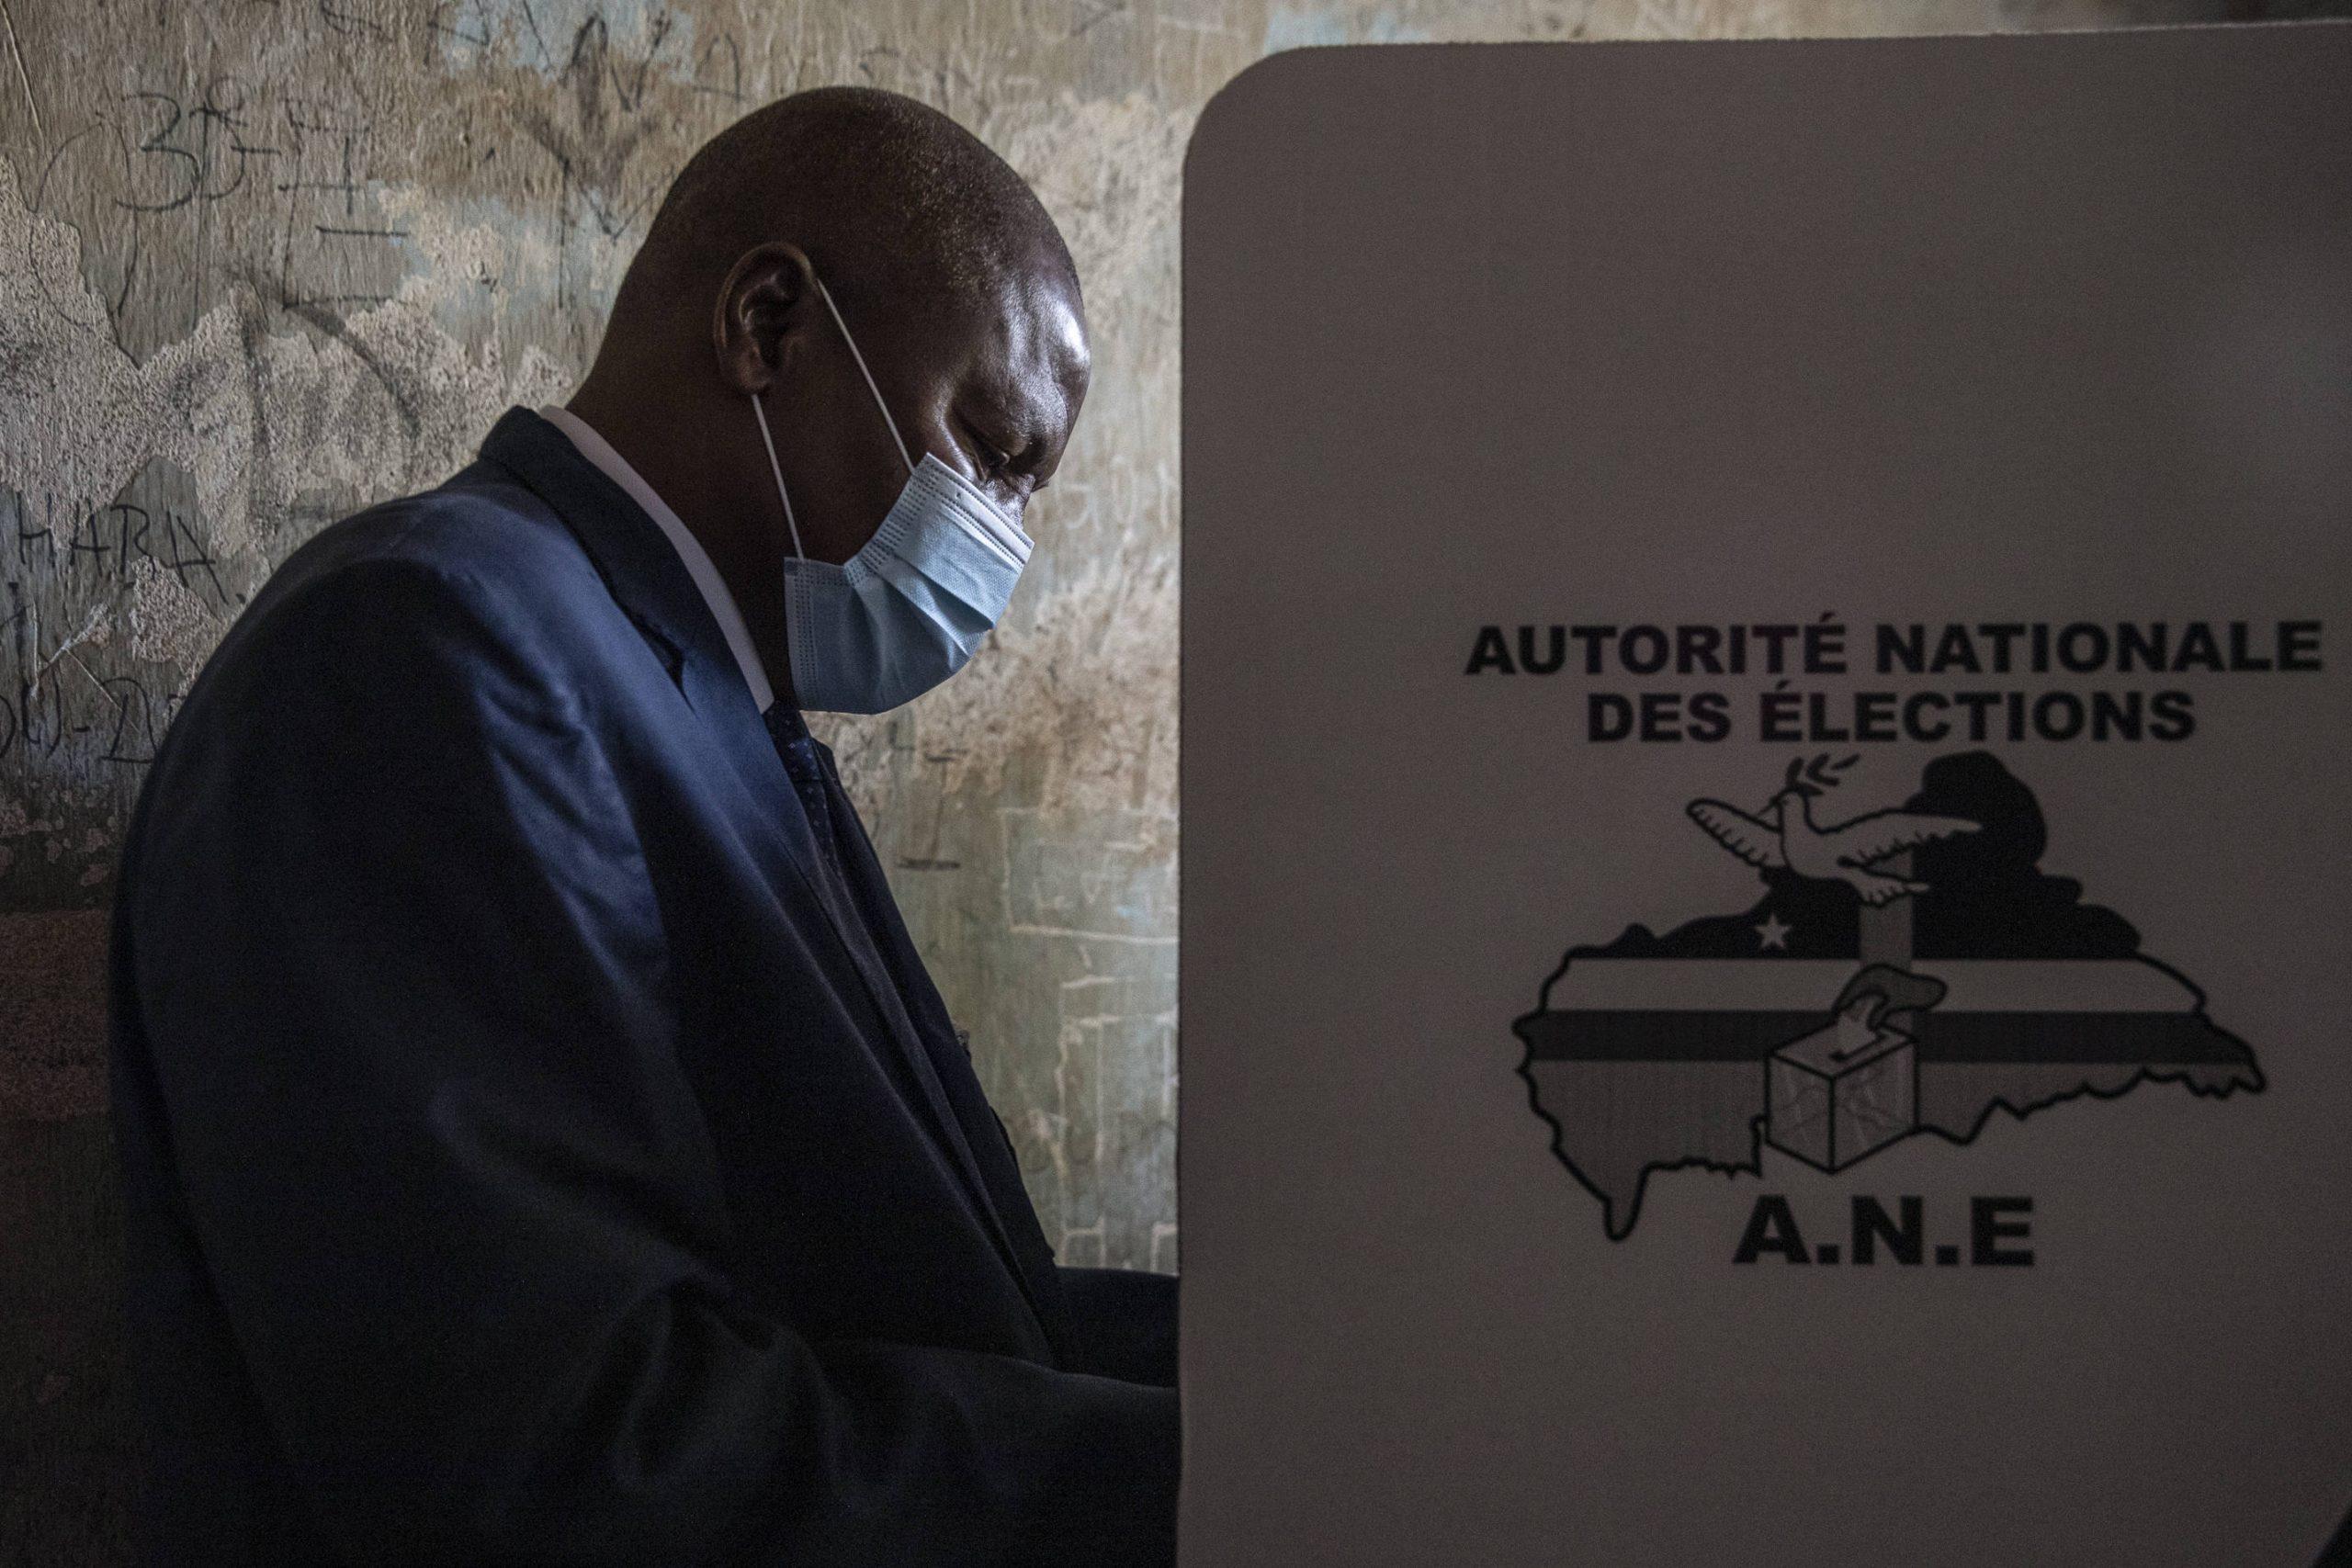 Le président sortant Faustin-Archange Touadéra vote au Lycée Boganda à Bangui, le 27 décembre 2020.